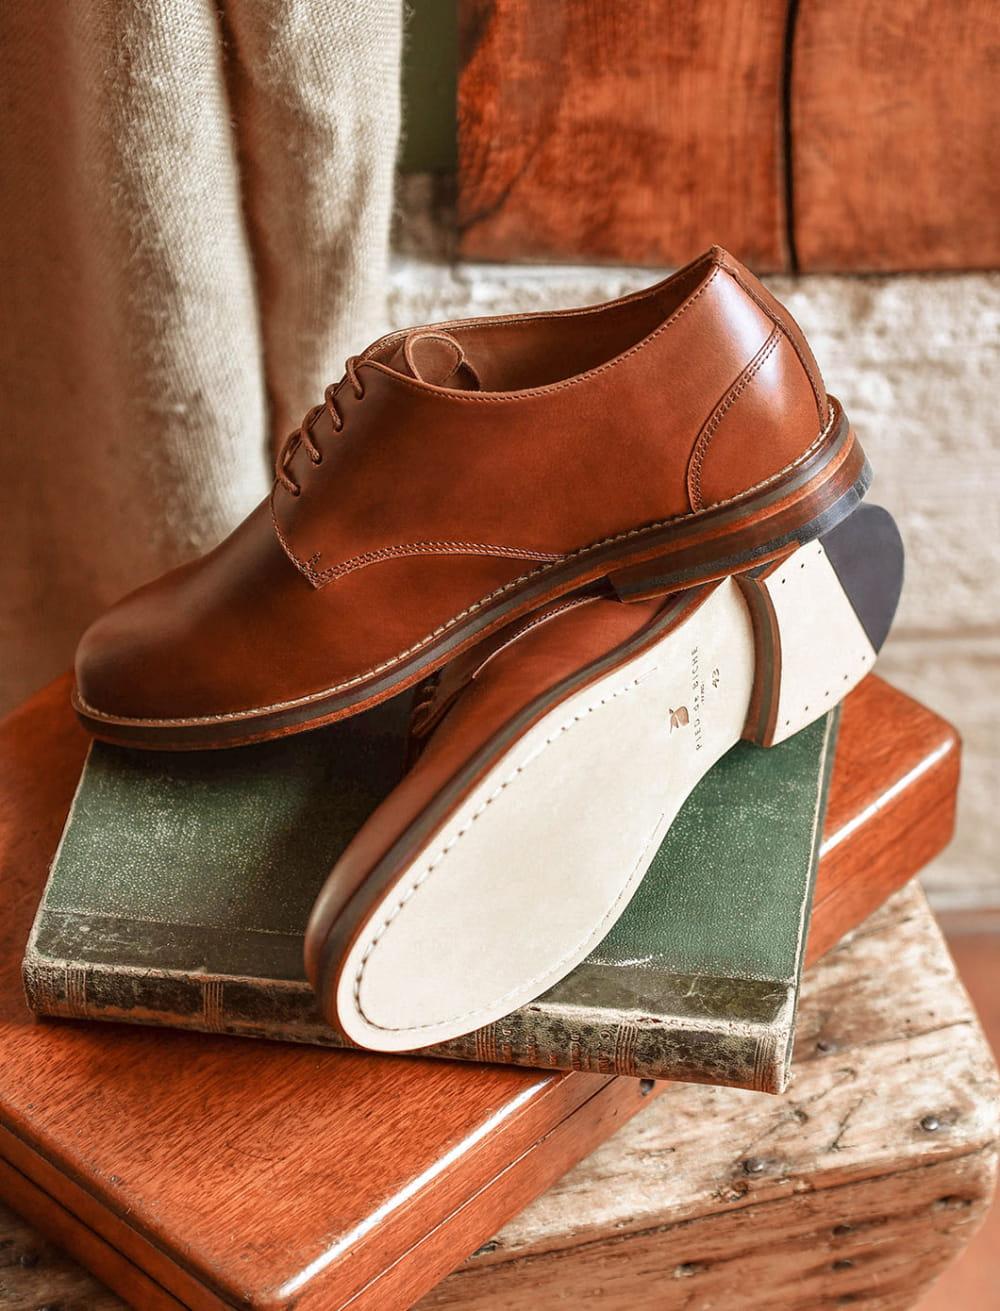 Bonbout Homme Chaussure Chaussure Homme Chaussure Homme Bonbout Bonbout Chaussure Bonbout Chaussure Homme Bonbout rBdexCo